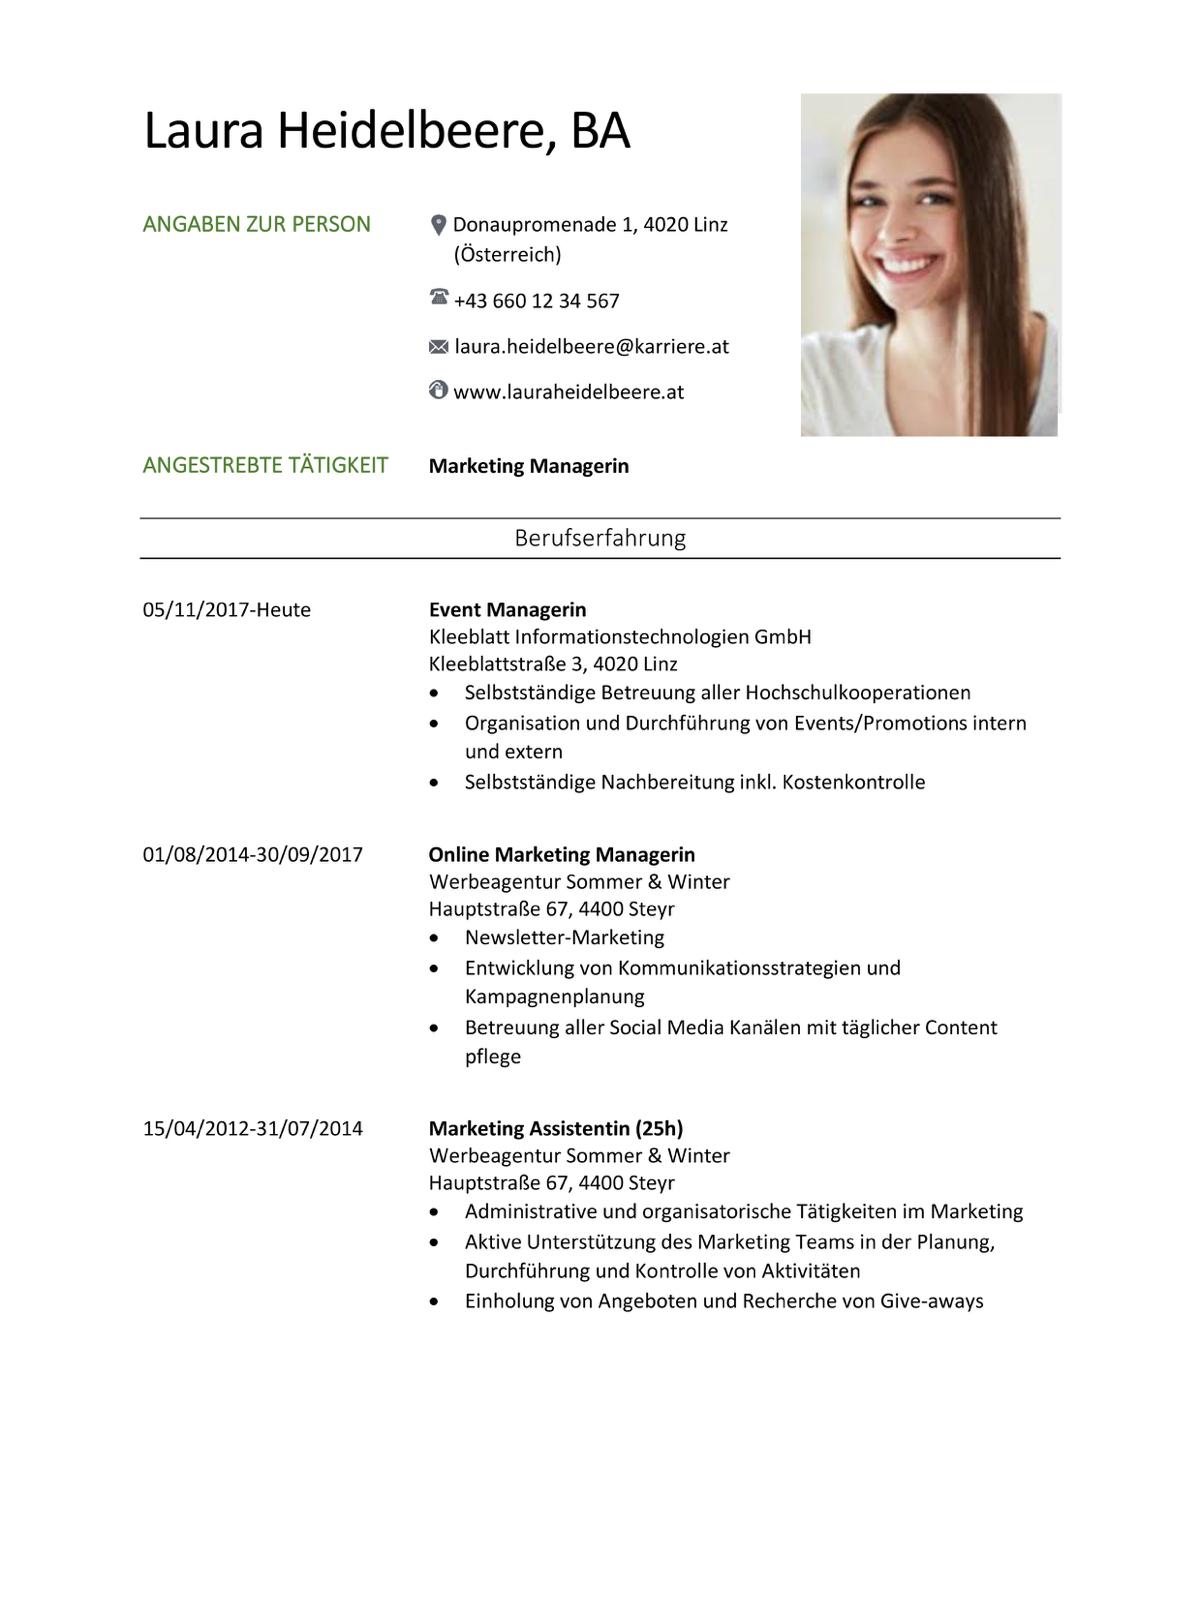 Lebenslauf Vorlagen Kostenlose Empfohlene Muster Karriere At